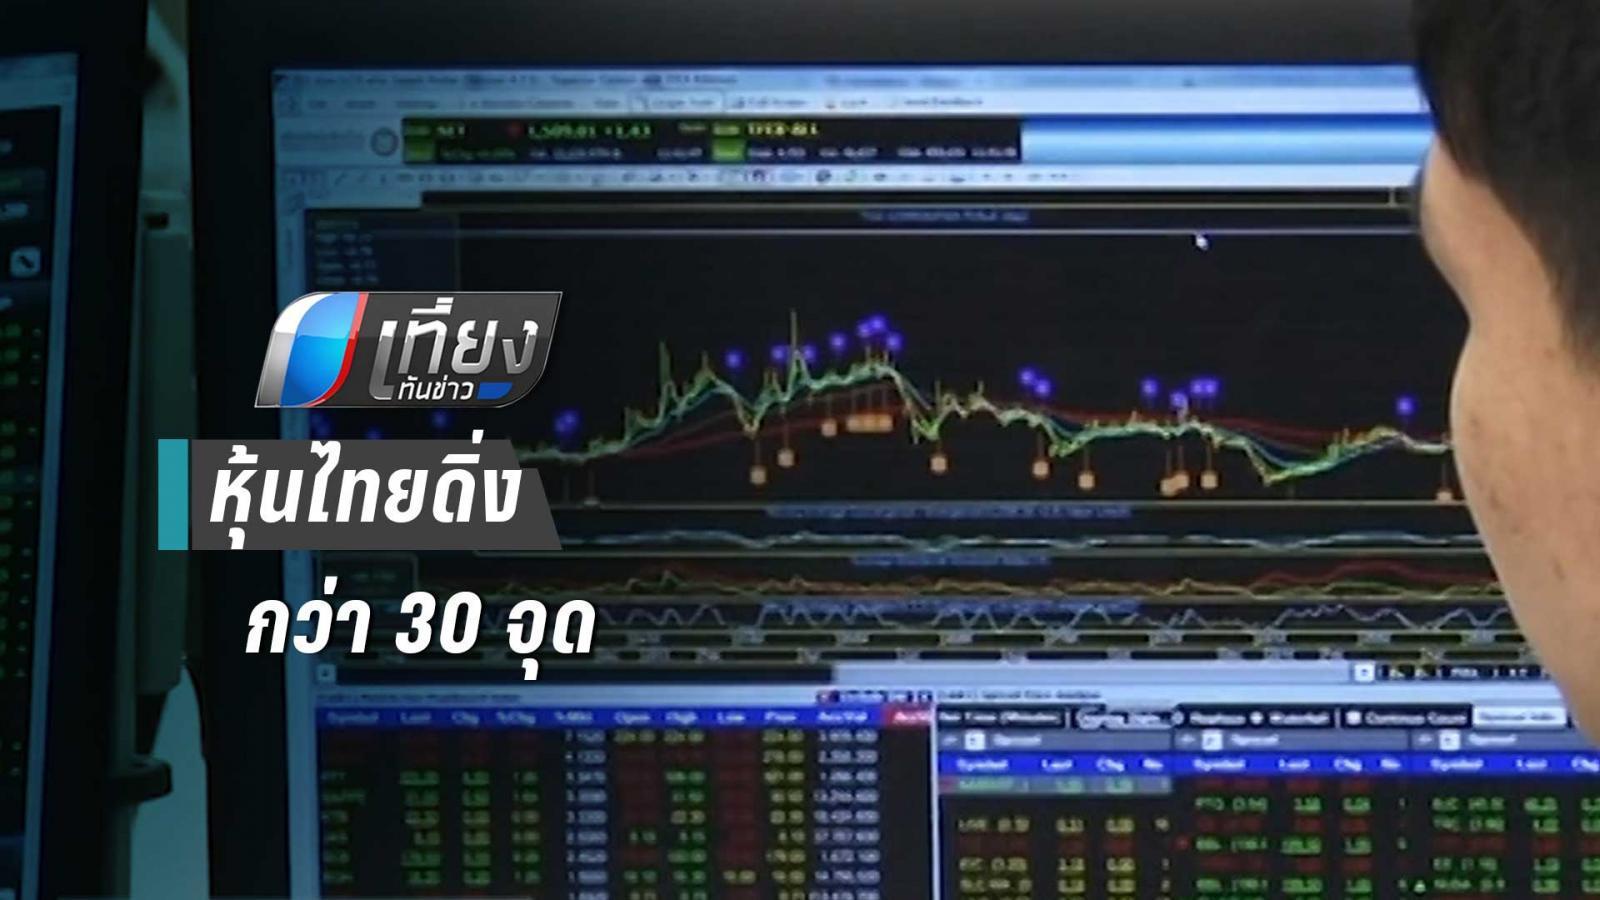 """หุ้นไทยดิ่งกว่า 30 จุด นักลงทุนกังวล """"การระบาดไวรัสโคโรนา"""""""